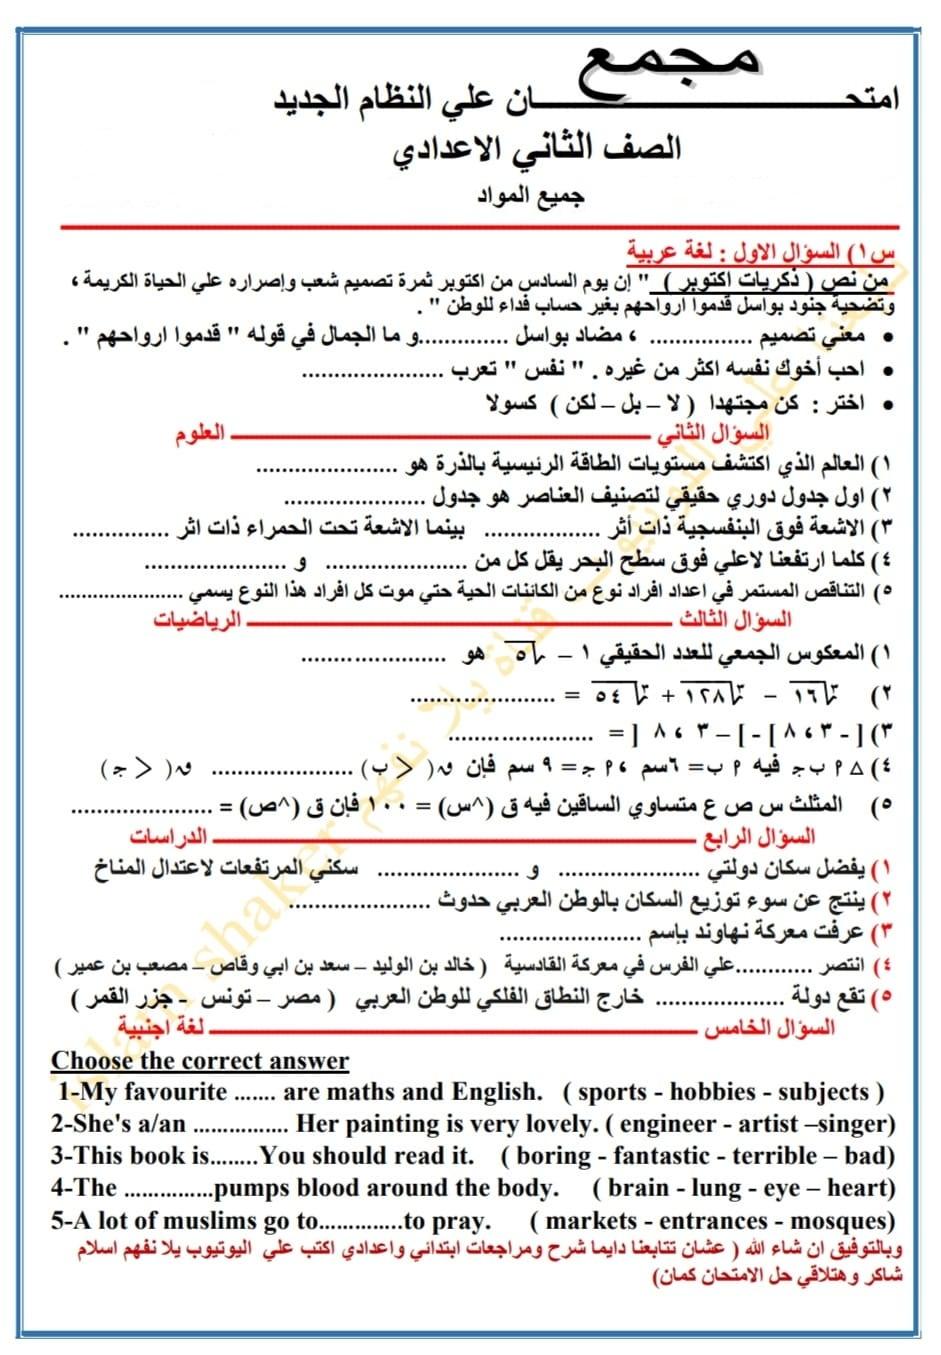 امتحان مجمع الصف الثاني الاعدادي